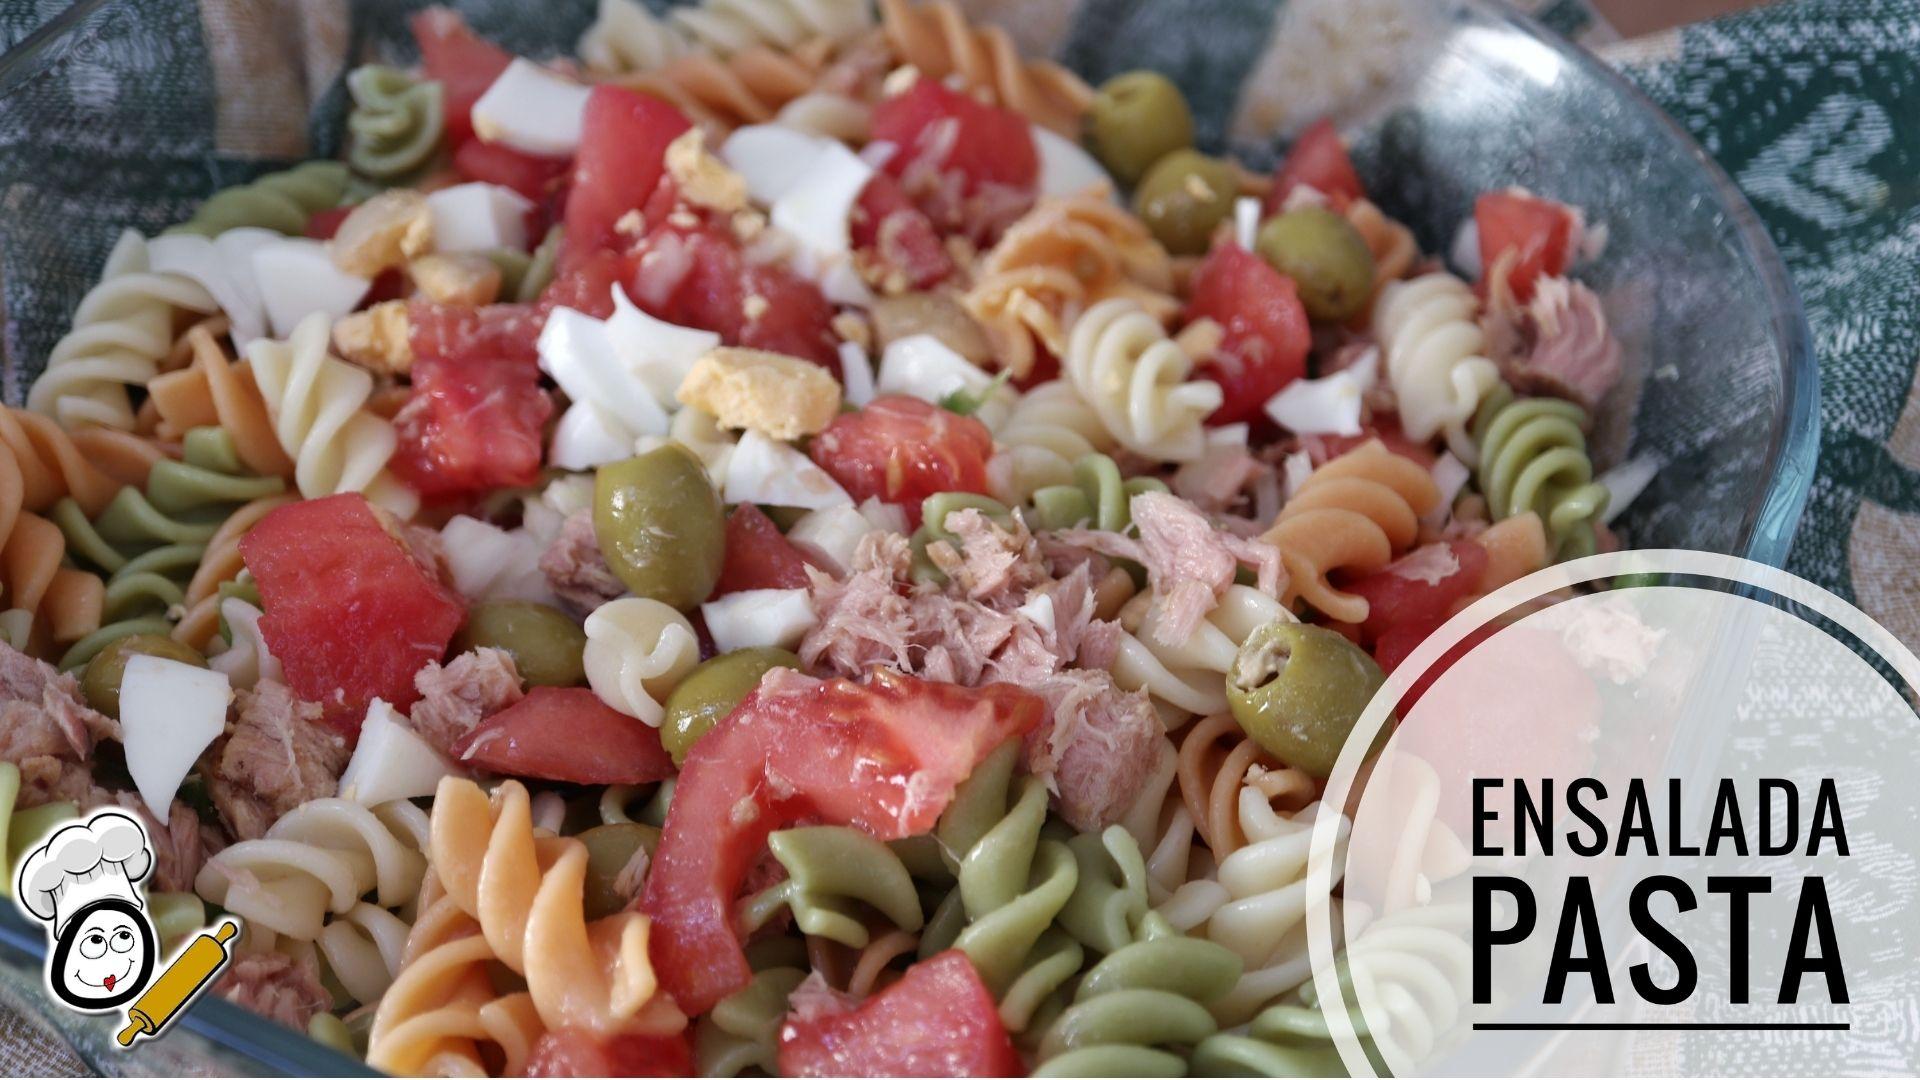 Cómo hacer una ensalada fácil con Casera